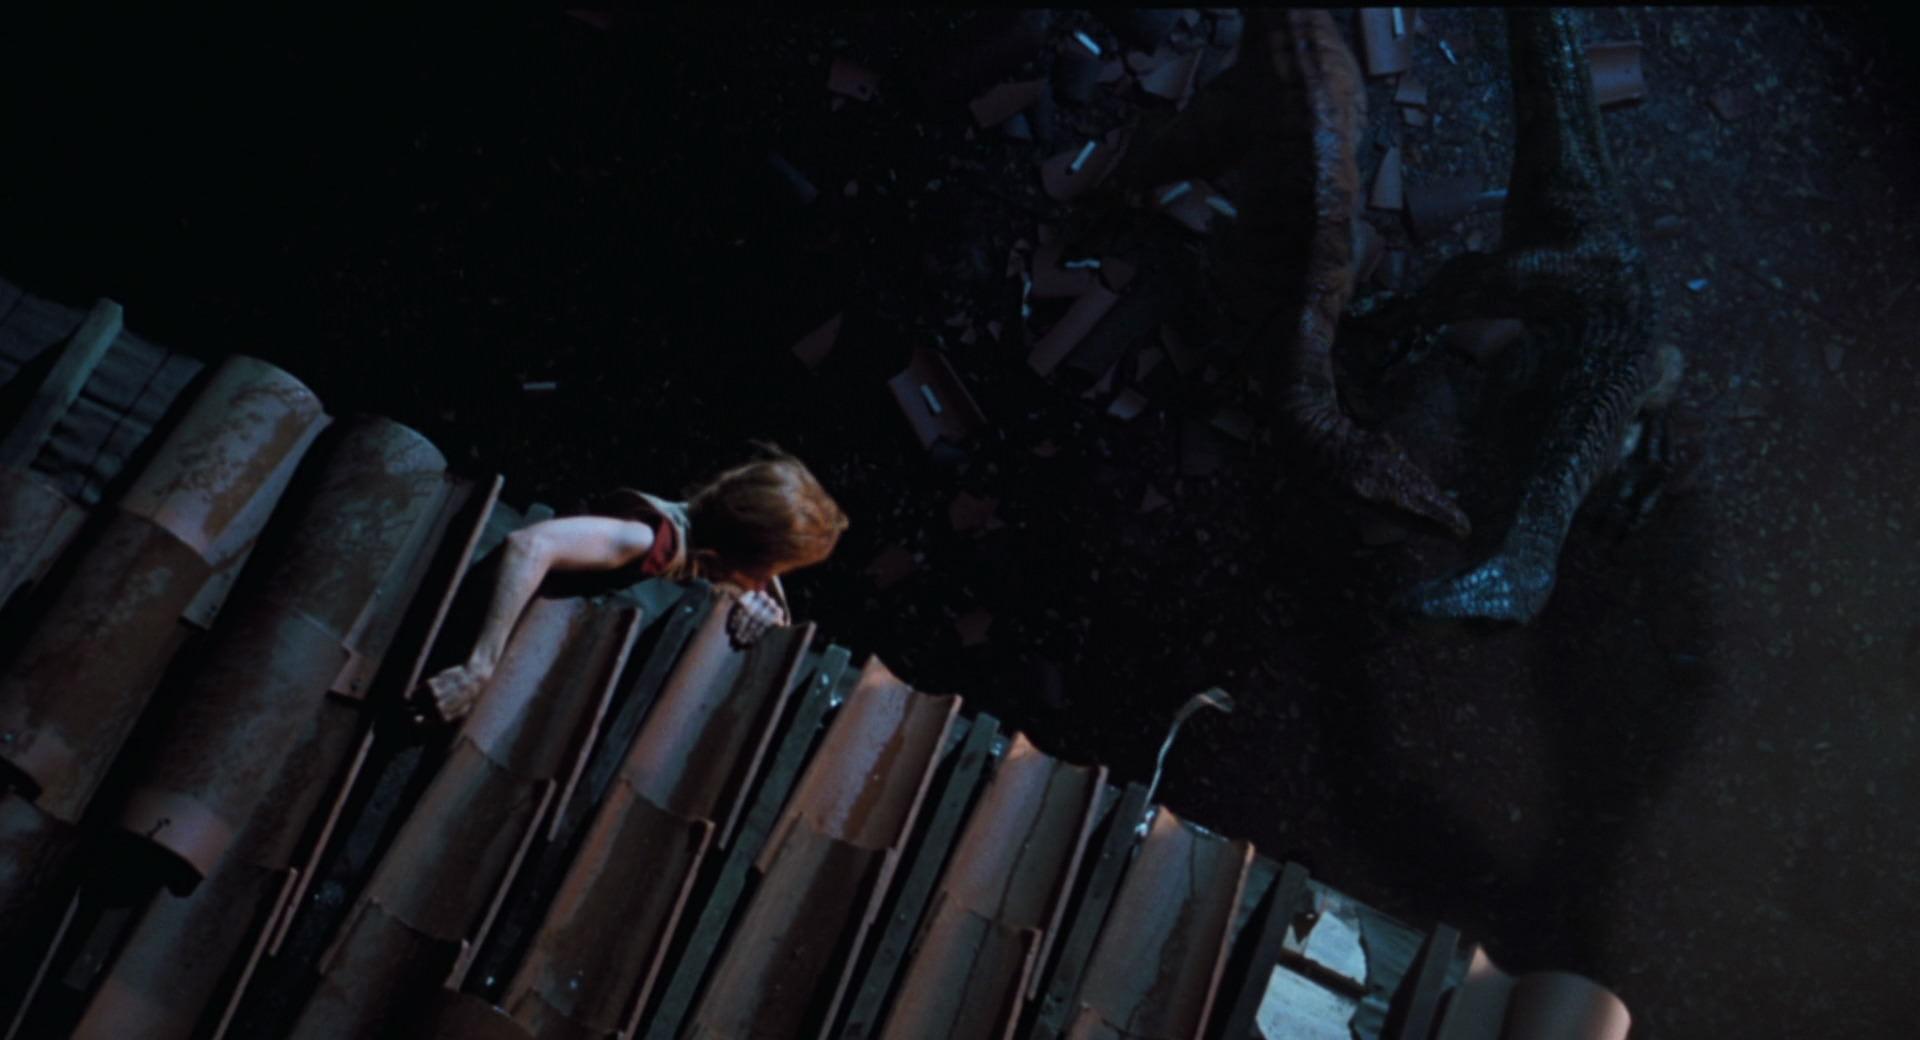 The Lost World Jurassic Park Screencaps are here Jurassic-lost-world-movie-screencaps.com-11592